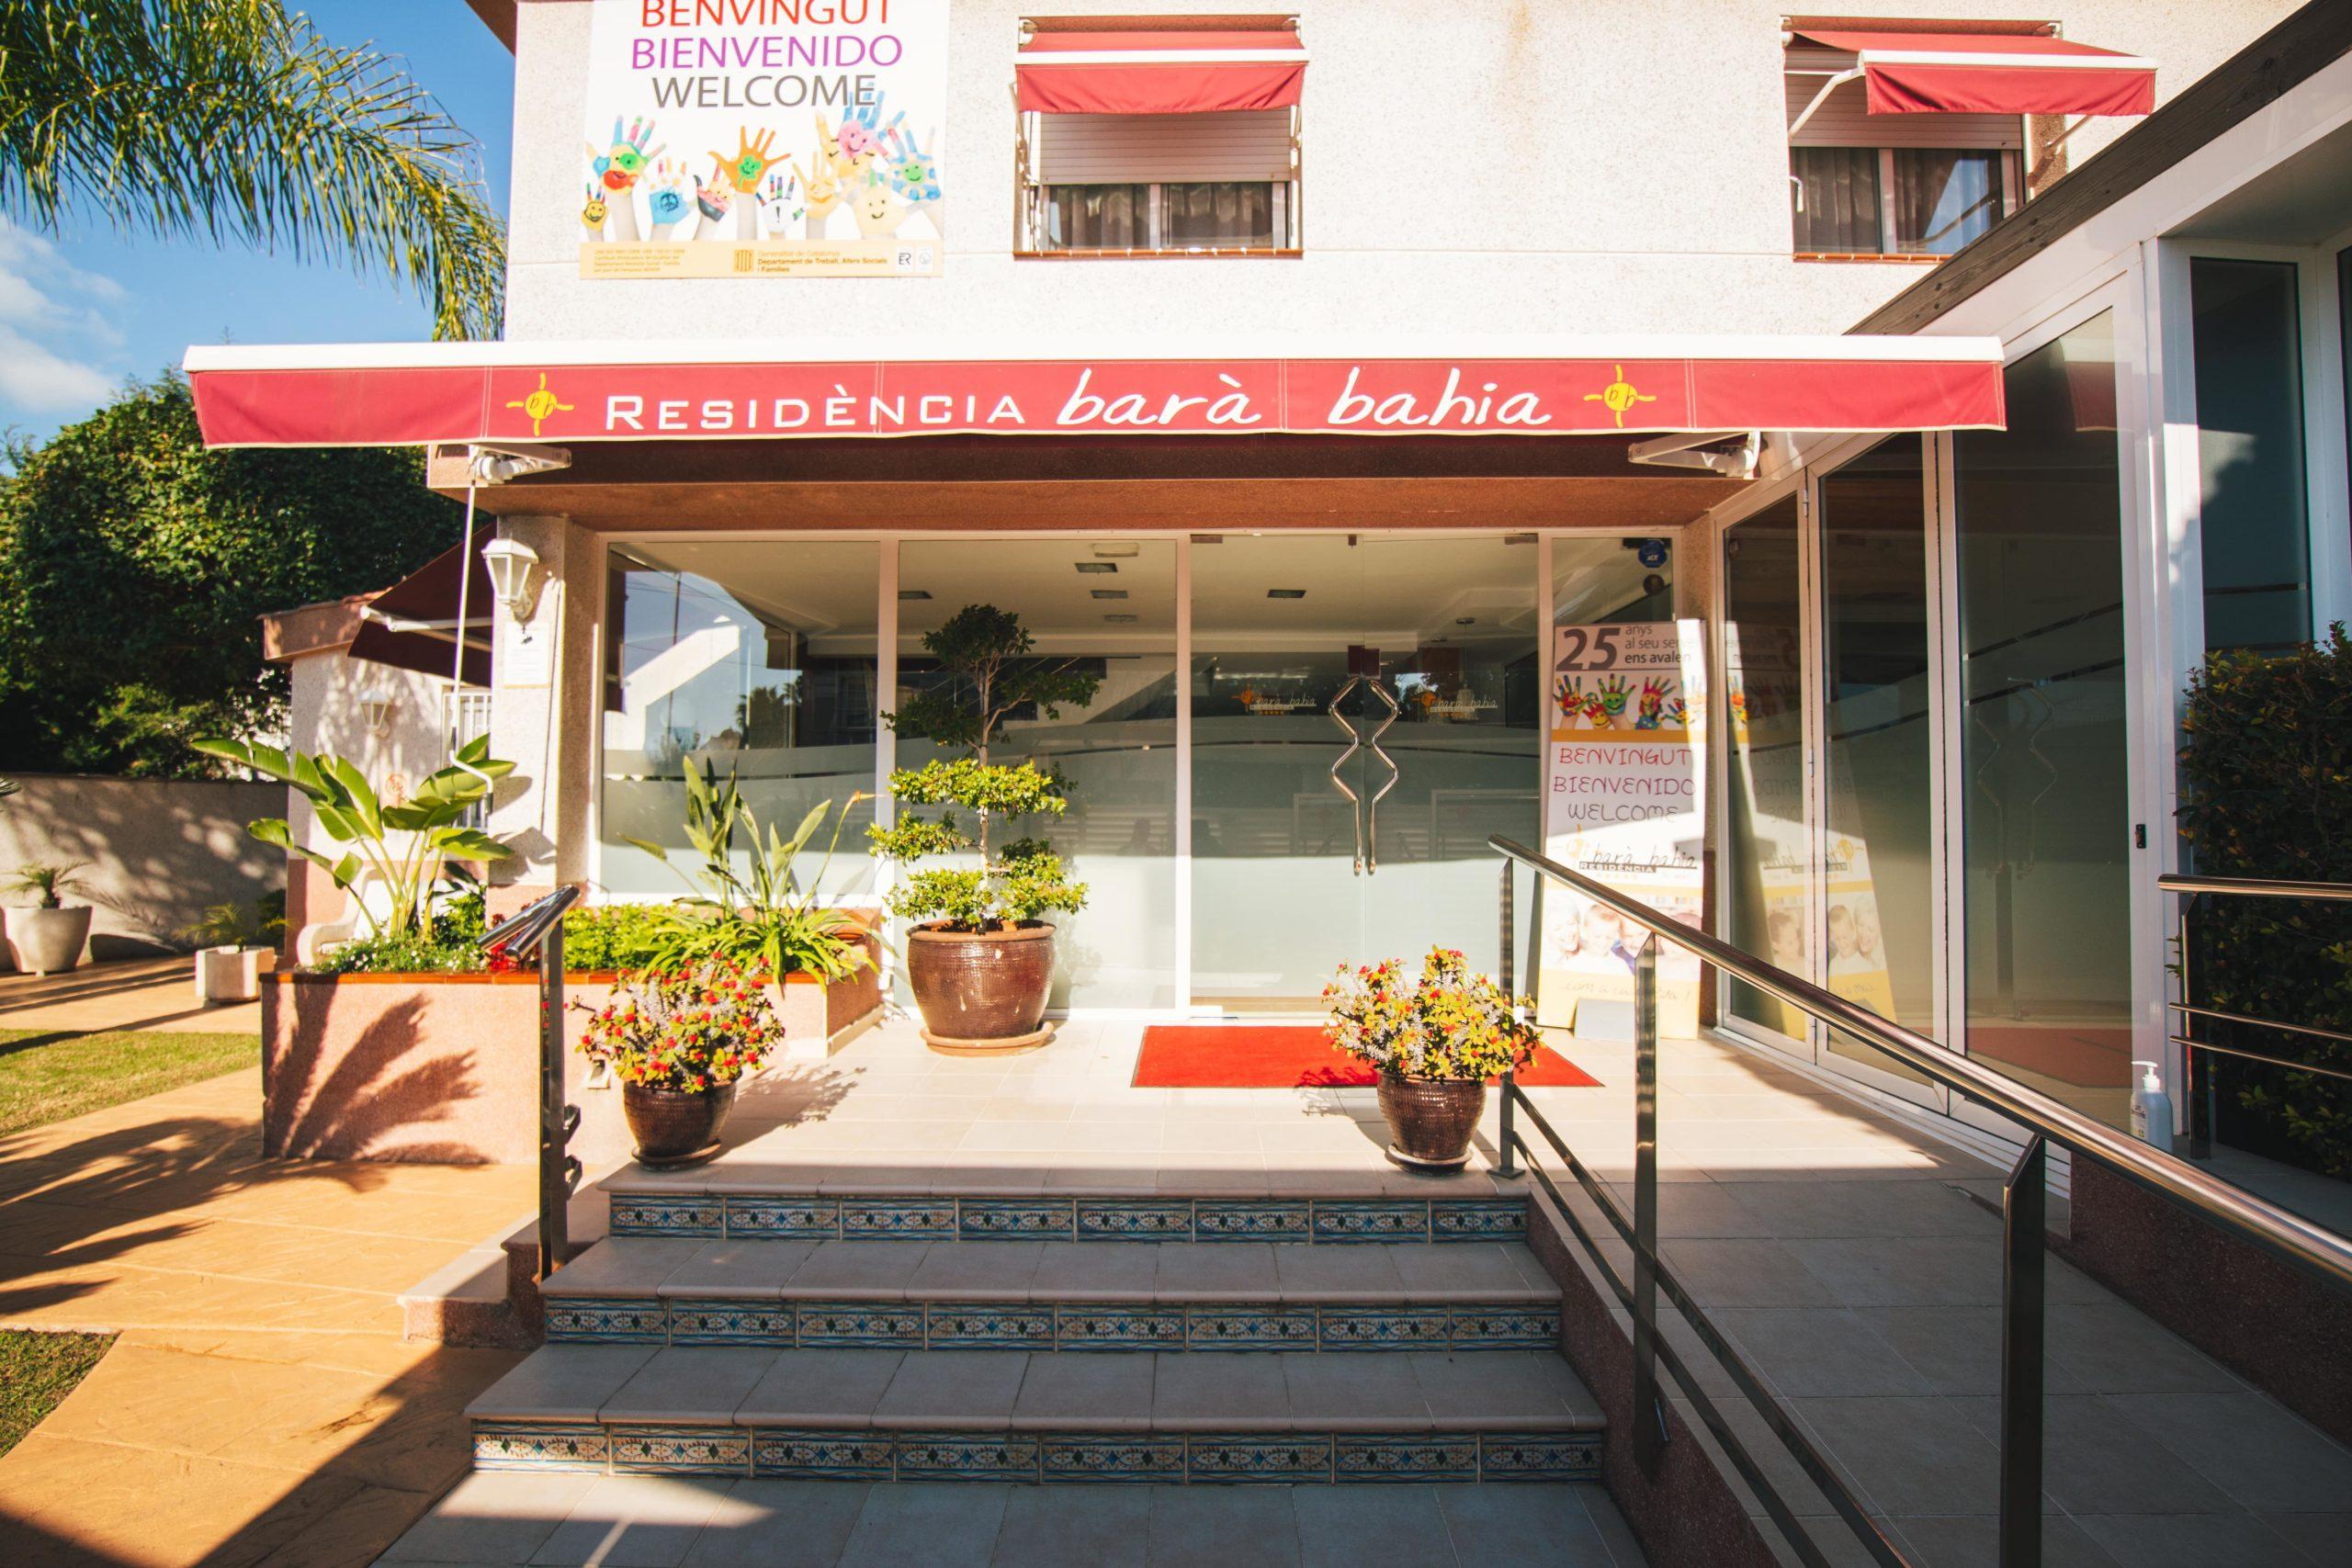 Residencia Barà Bahia